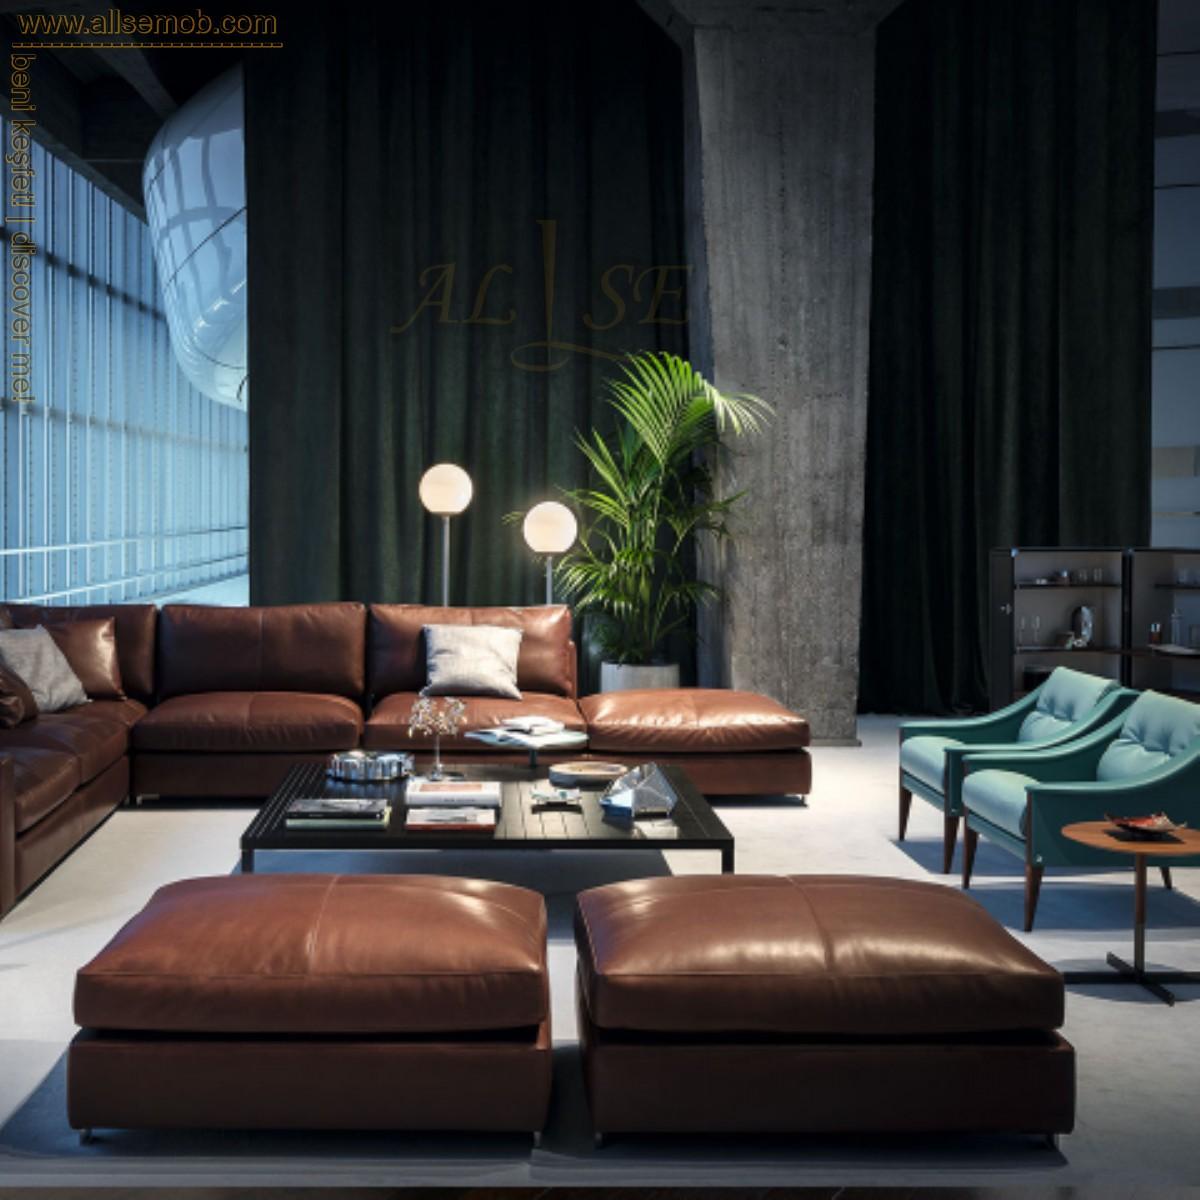 Modern Lüks Tasarım Deri Köşe Koltuk Taba Renk Salon Dekorasyon